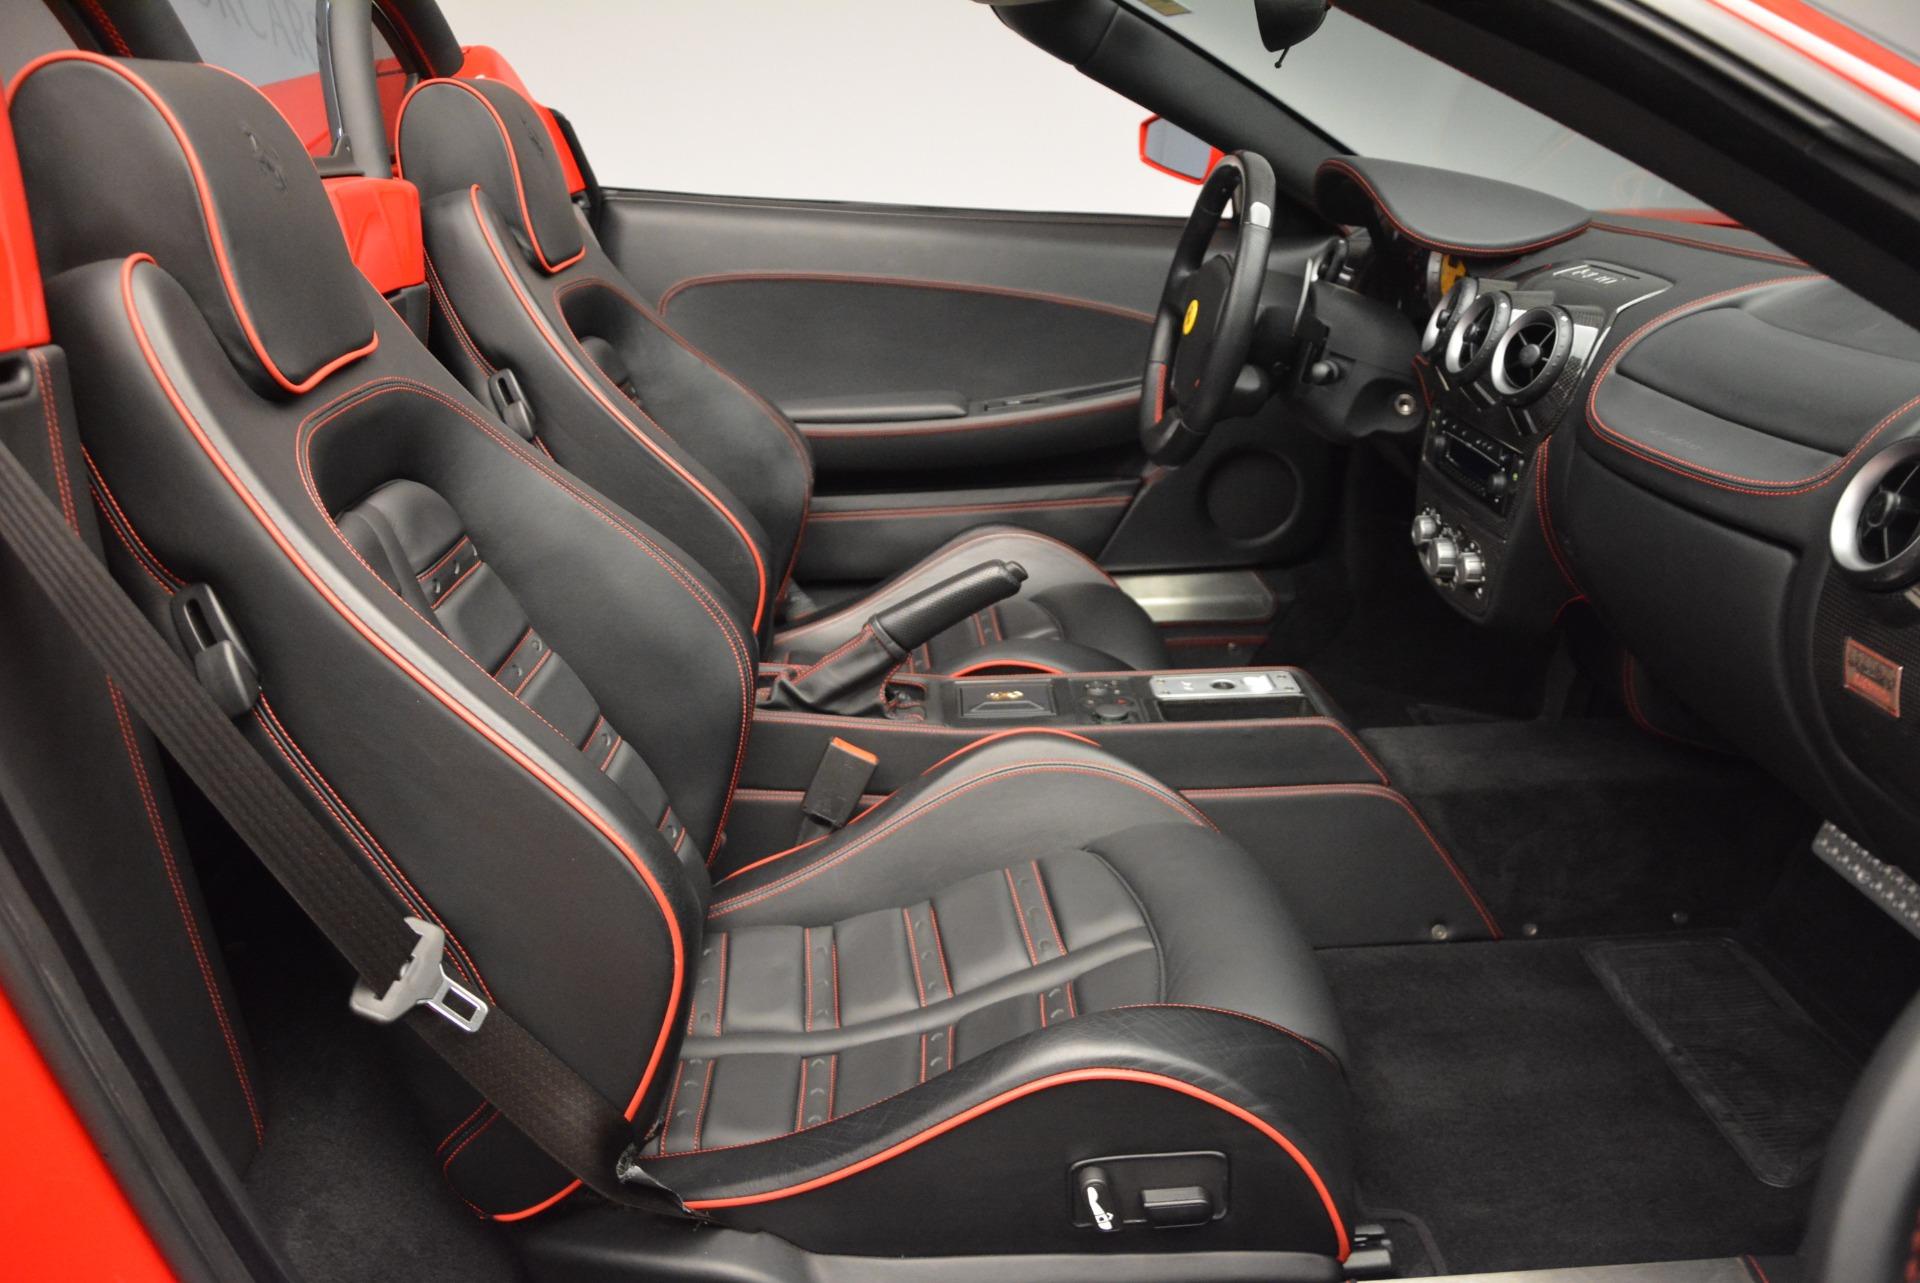 Used 2006 Ferrari F430 SPIDER F1 Spider For Sale In Greenwich, CT 1884_p30